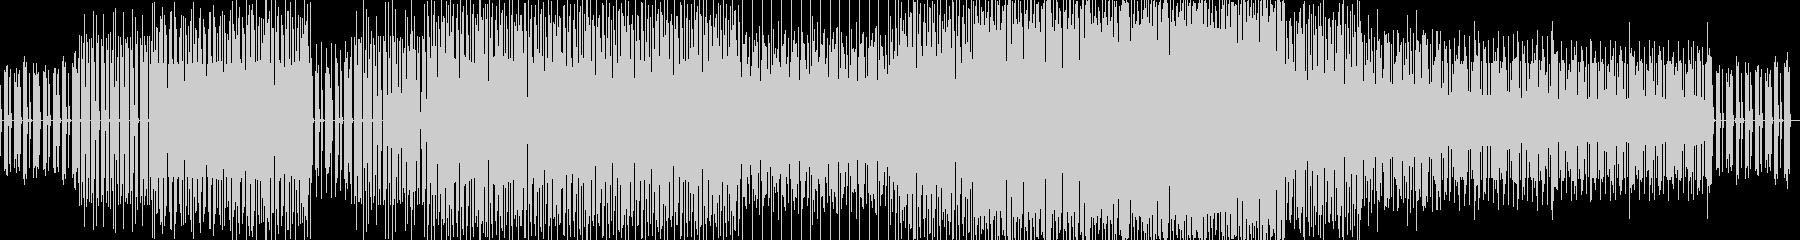 繰り返します。退屈、クレッシェンドの未再生の波形